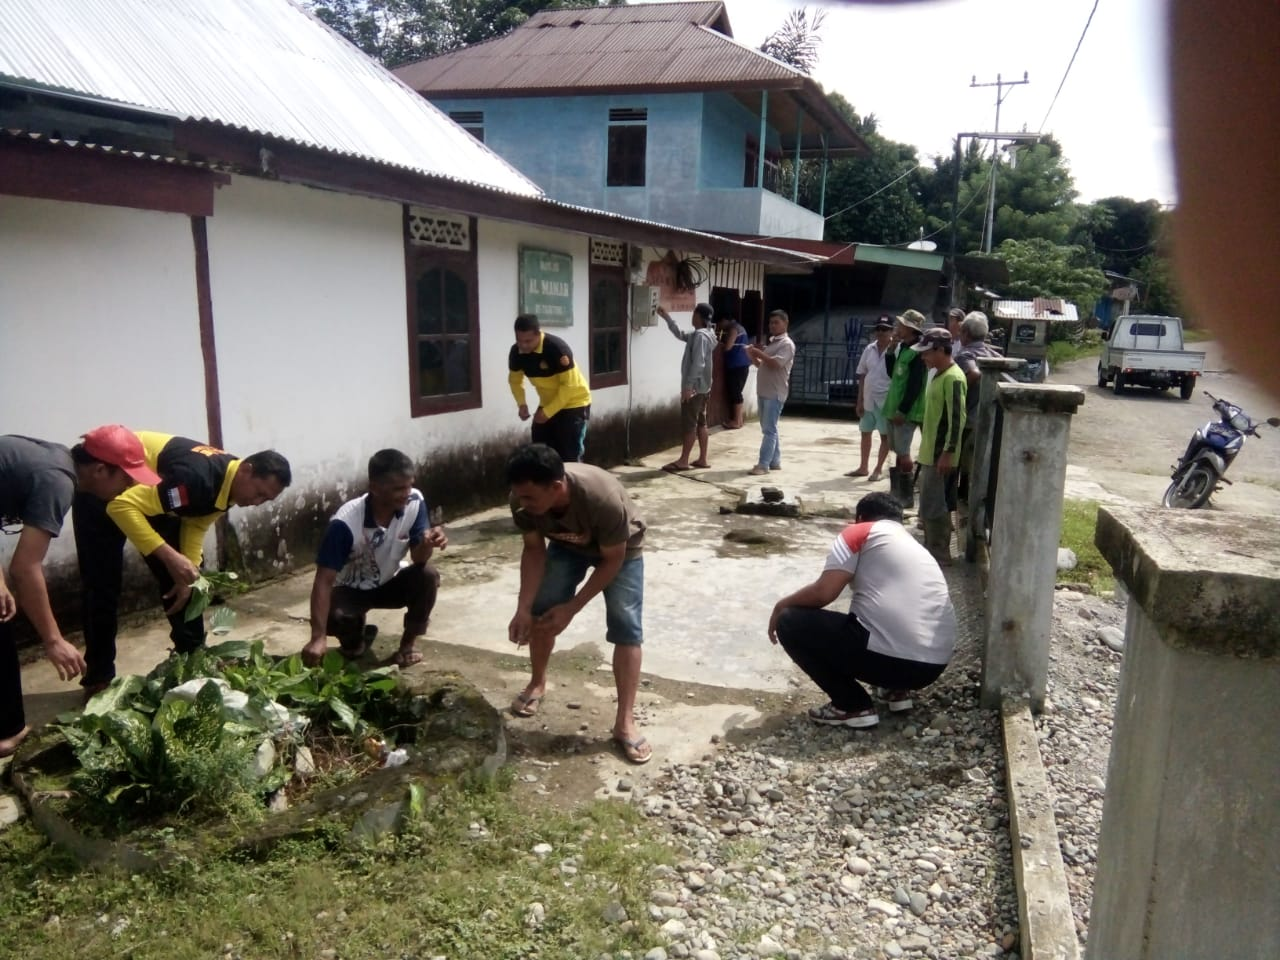 Jalin Kebersamaan, Anggota Polsek Kaur Utara dan Warga Gotong Royong Membersihkan Masjid